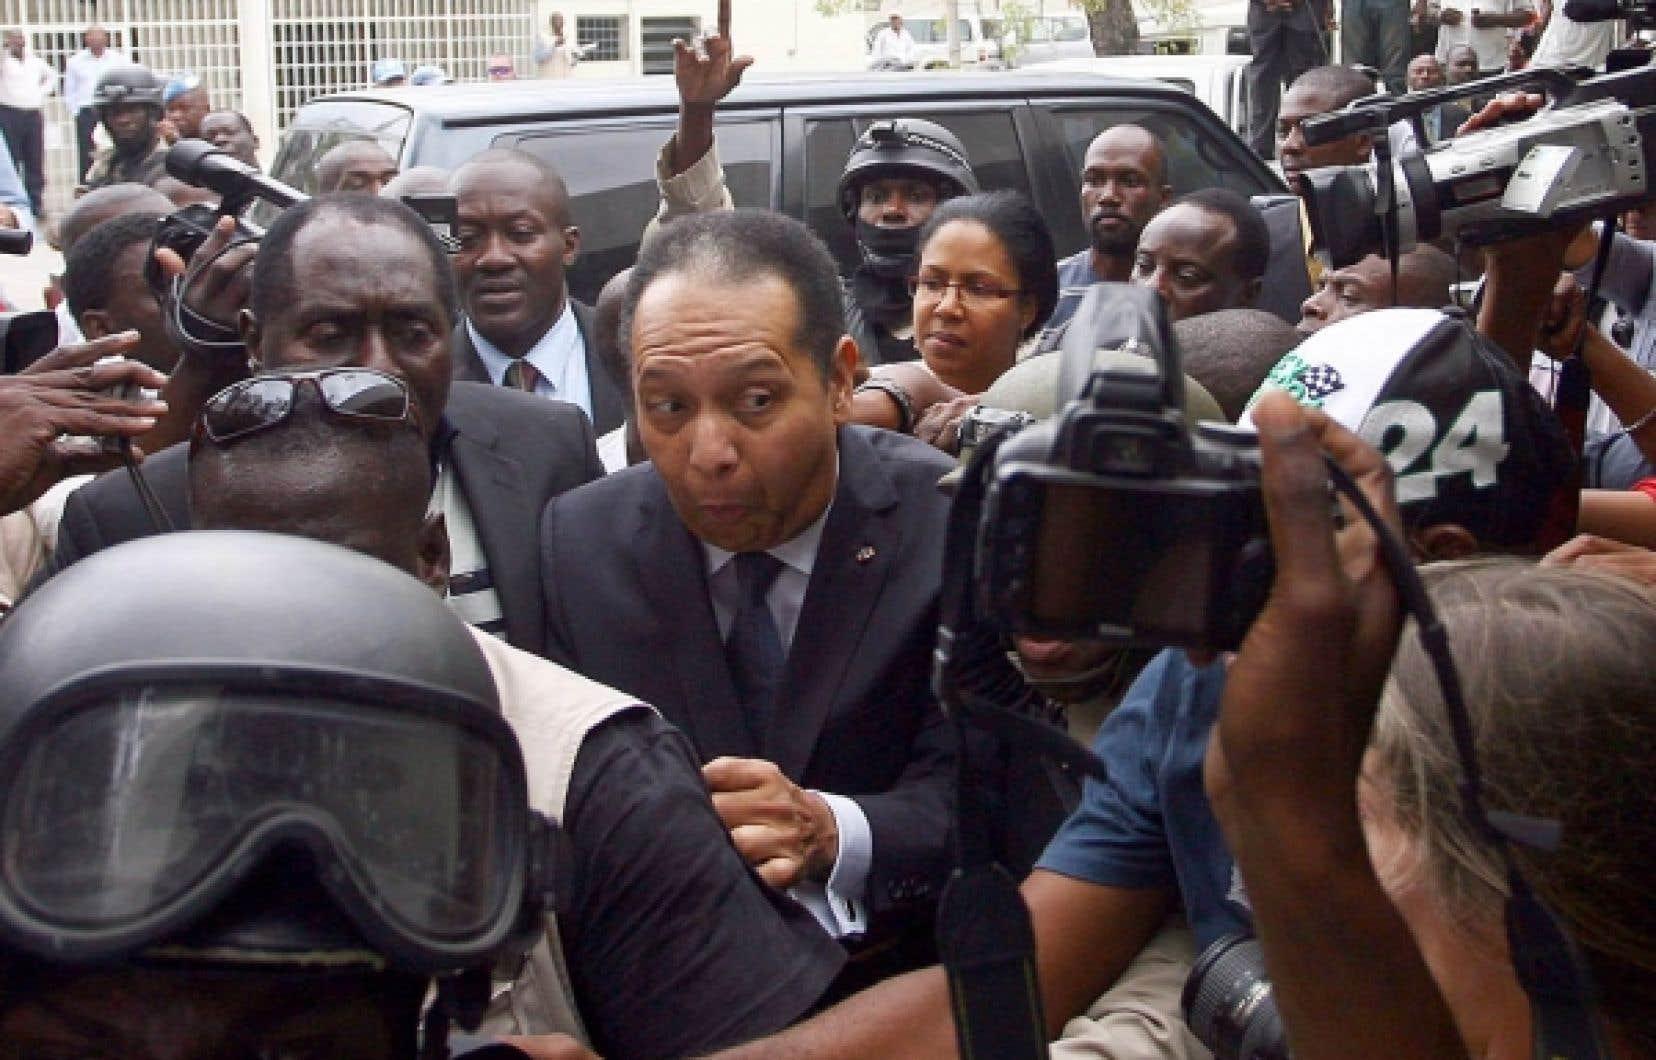 Jean-Claude Duvalier entour&eacute; de policiers, de gardes du corps et journalistes lors de son arriv&eacute;e au parquet de Port-au-Prince, hier. Son cas est maintenant entre les mains d&rsquo;un juge d&rsquo;instruction. En attendant, l&rsquo;ancien dictateur est libre.<br />